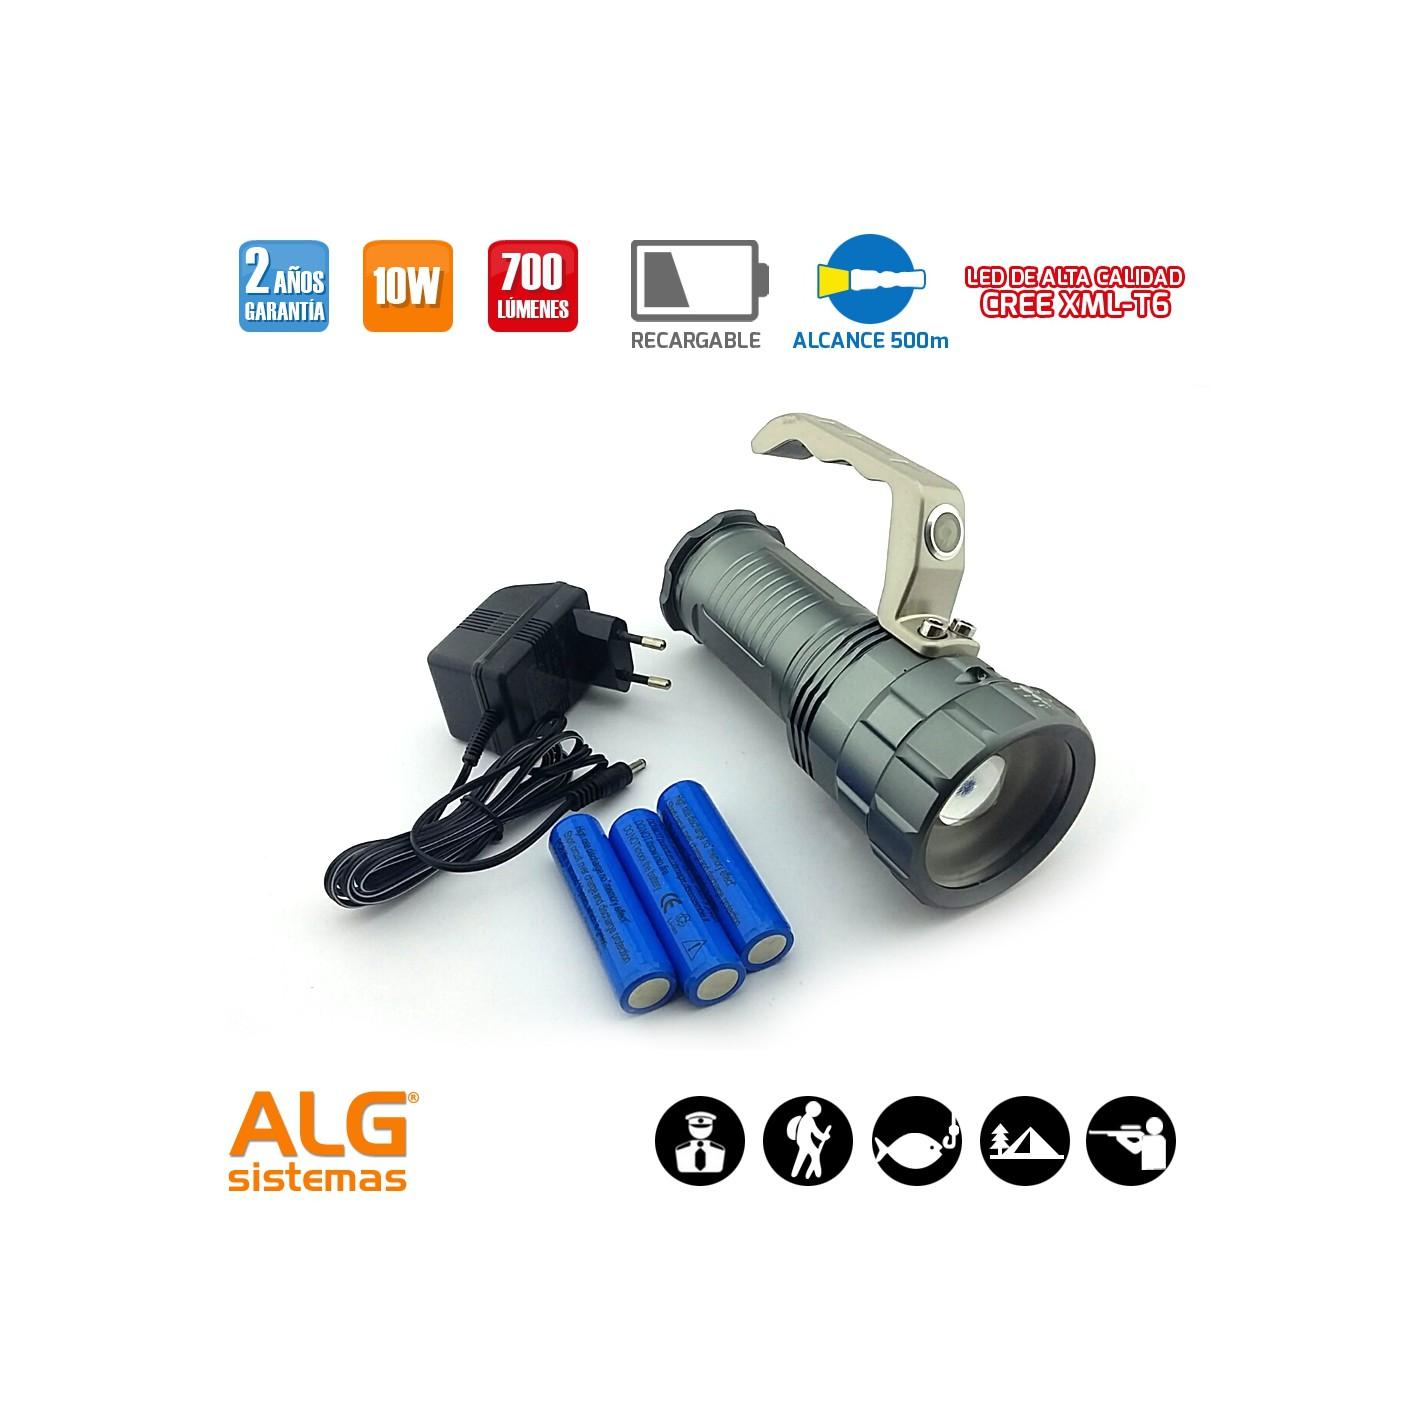 Linterna led recargable 10w con con zoom y asa alg sistemas - Linterna led recargable ...